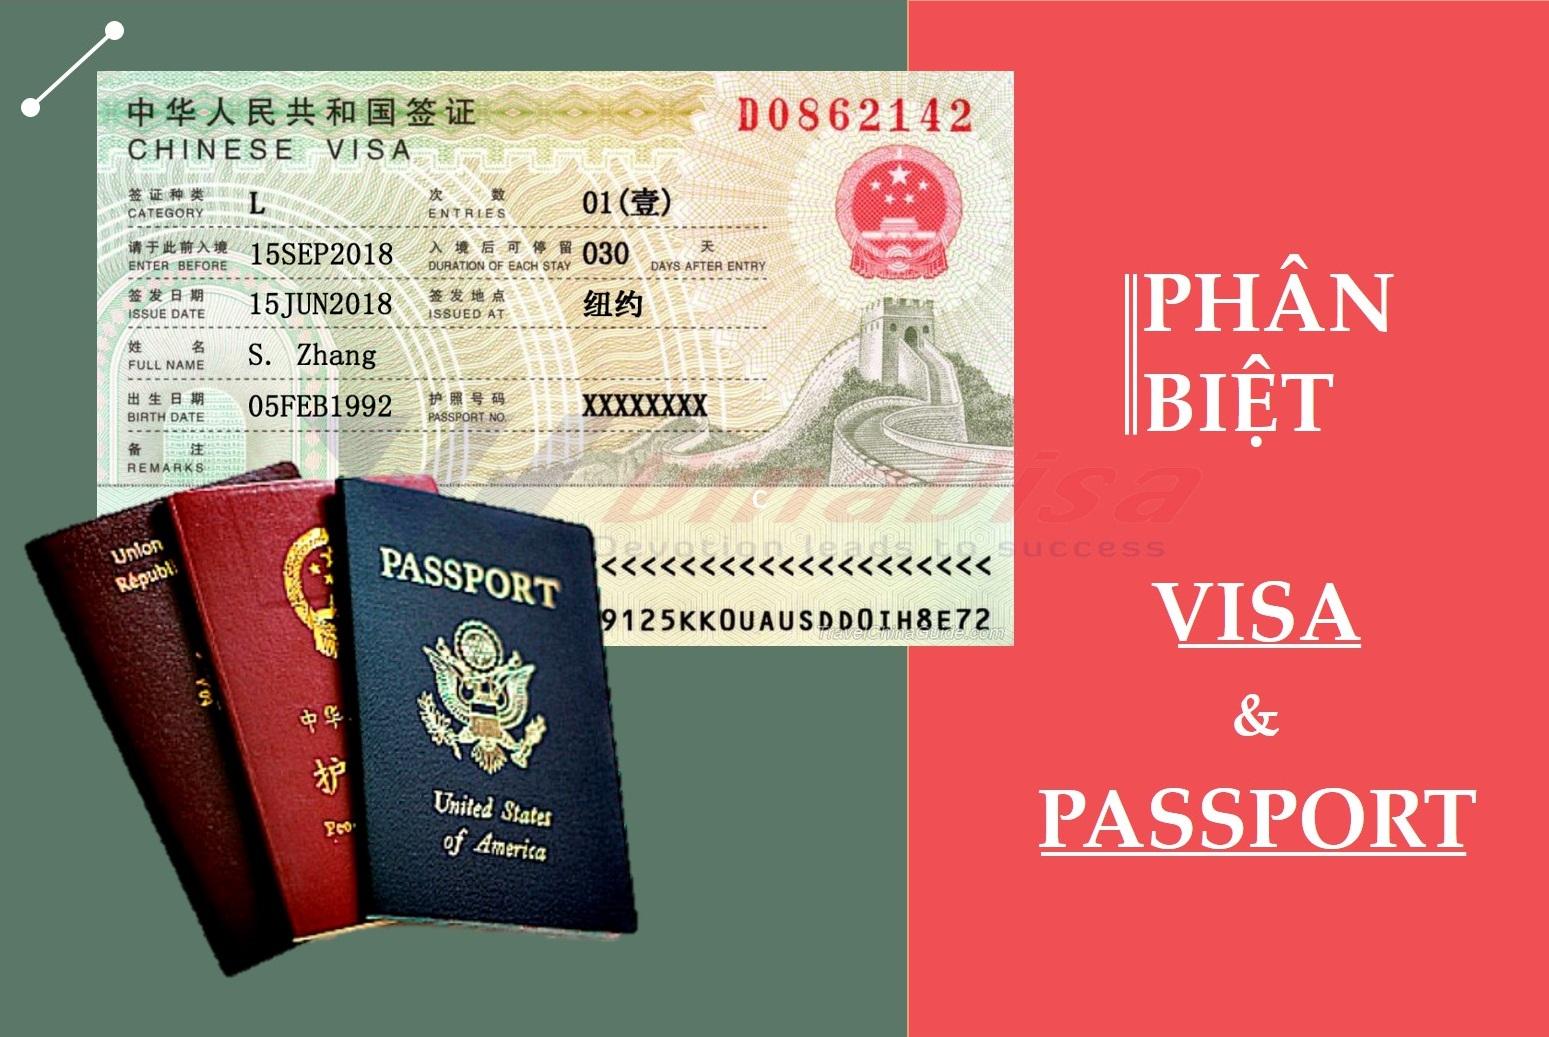 Visa là gì? Passport là gì? Điểm khác biệt giữa visa và passport?